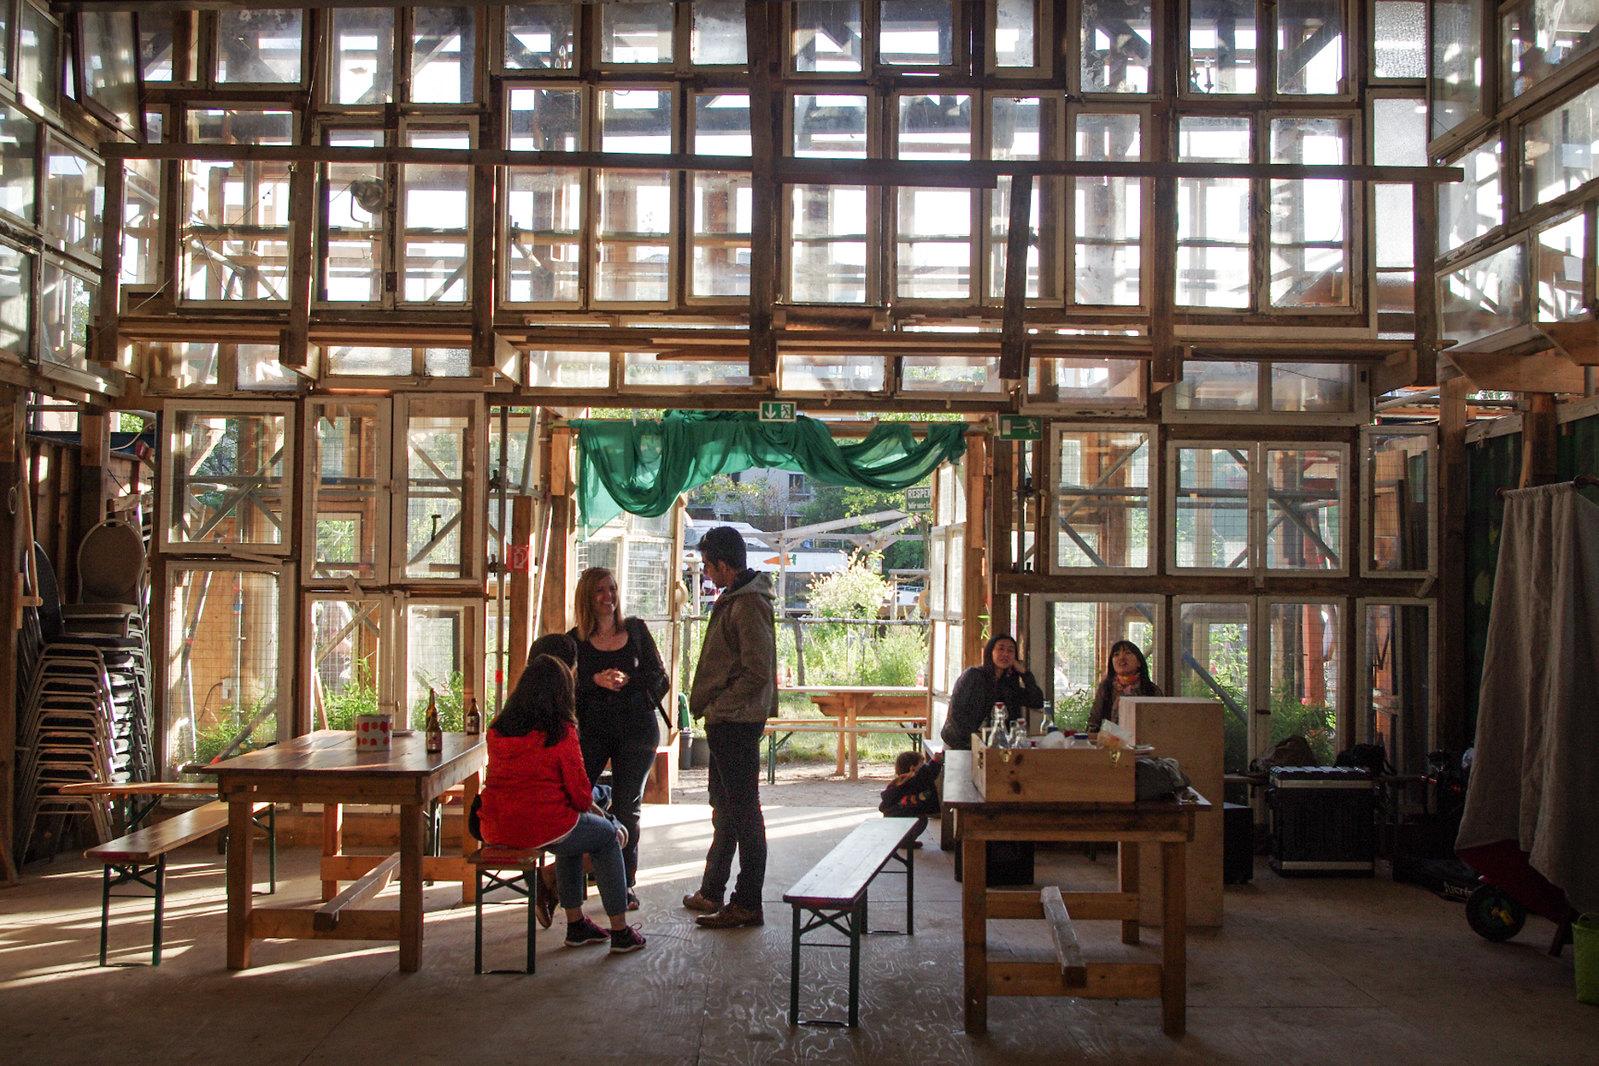 Architecture à Berlin - Dans le bar 25, une maison pleine de fenêtre